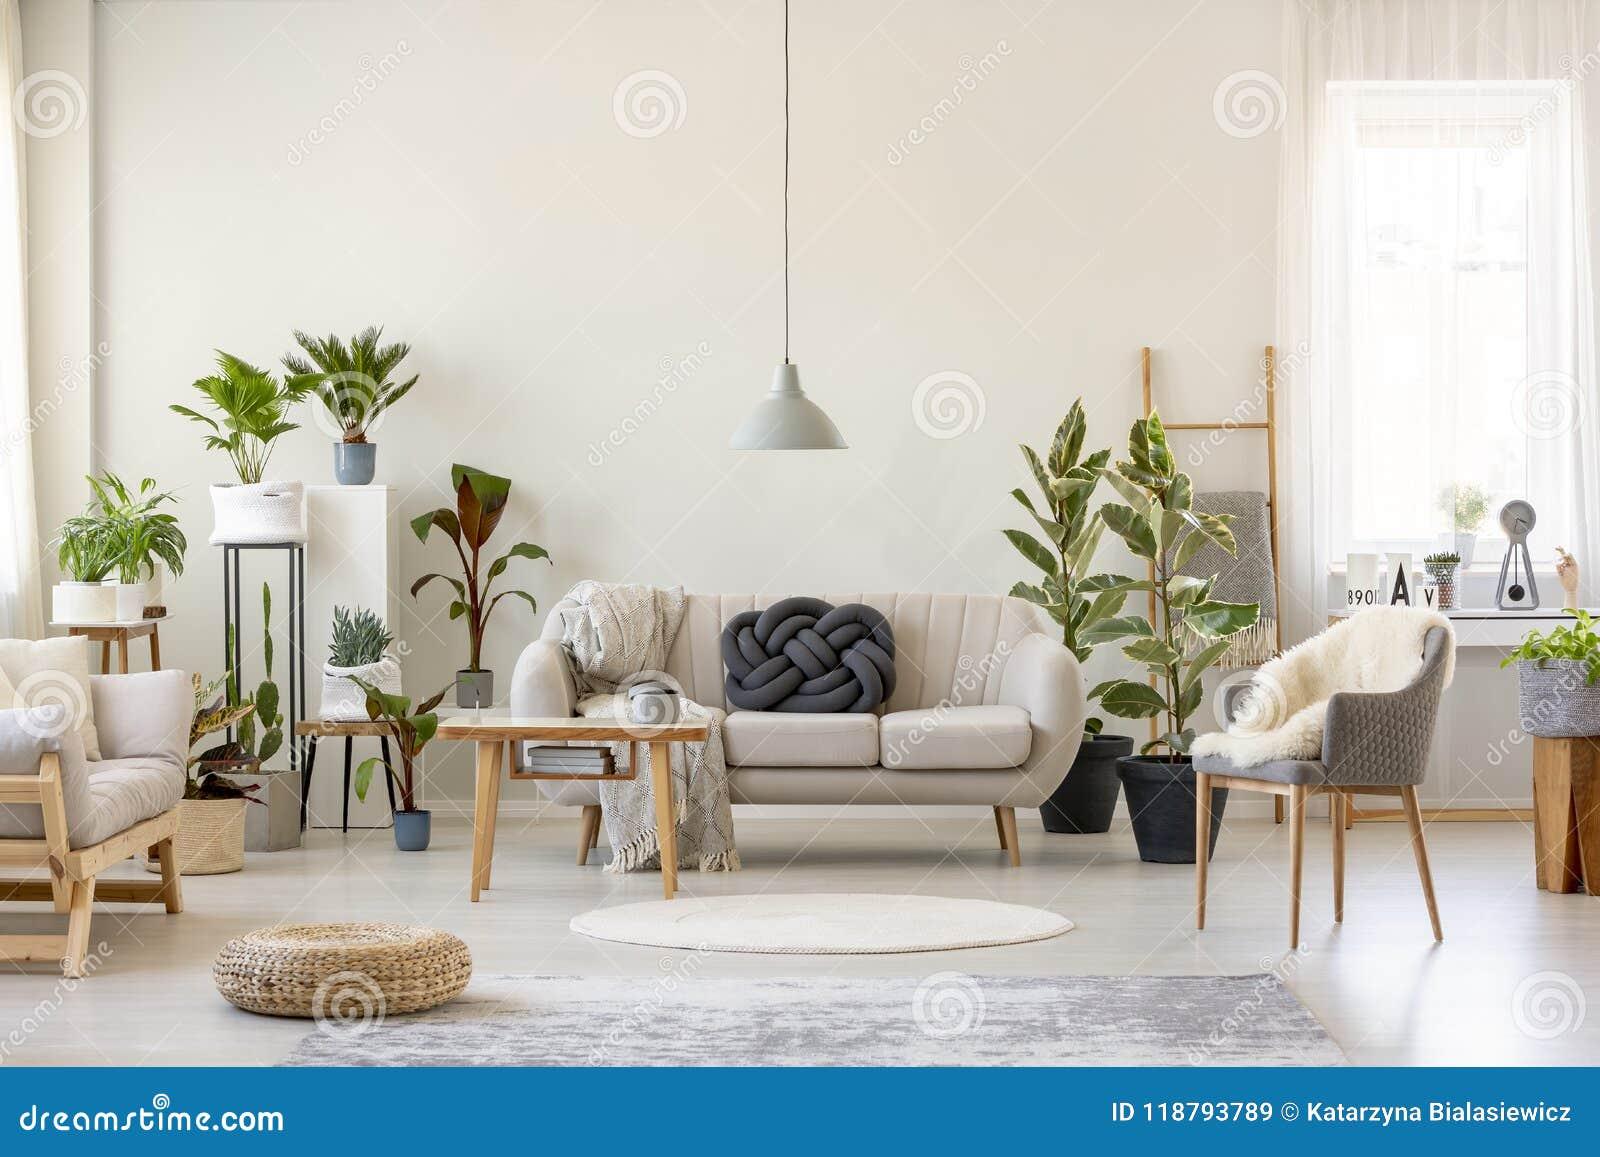 Echte foto van een botanisch woonkamer binnenlands hoogtepunt van installaties met